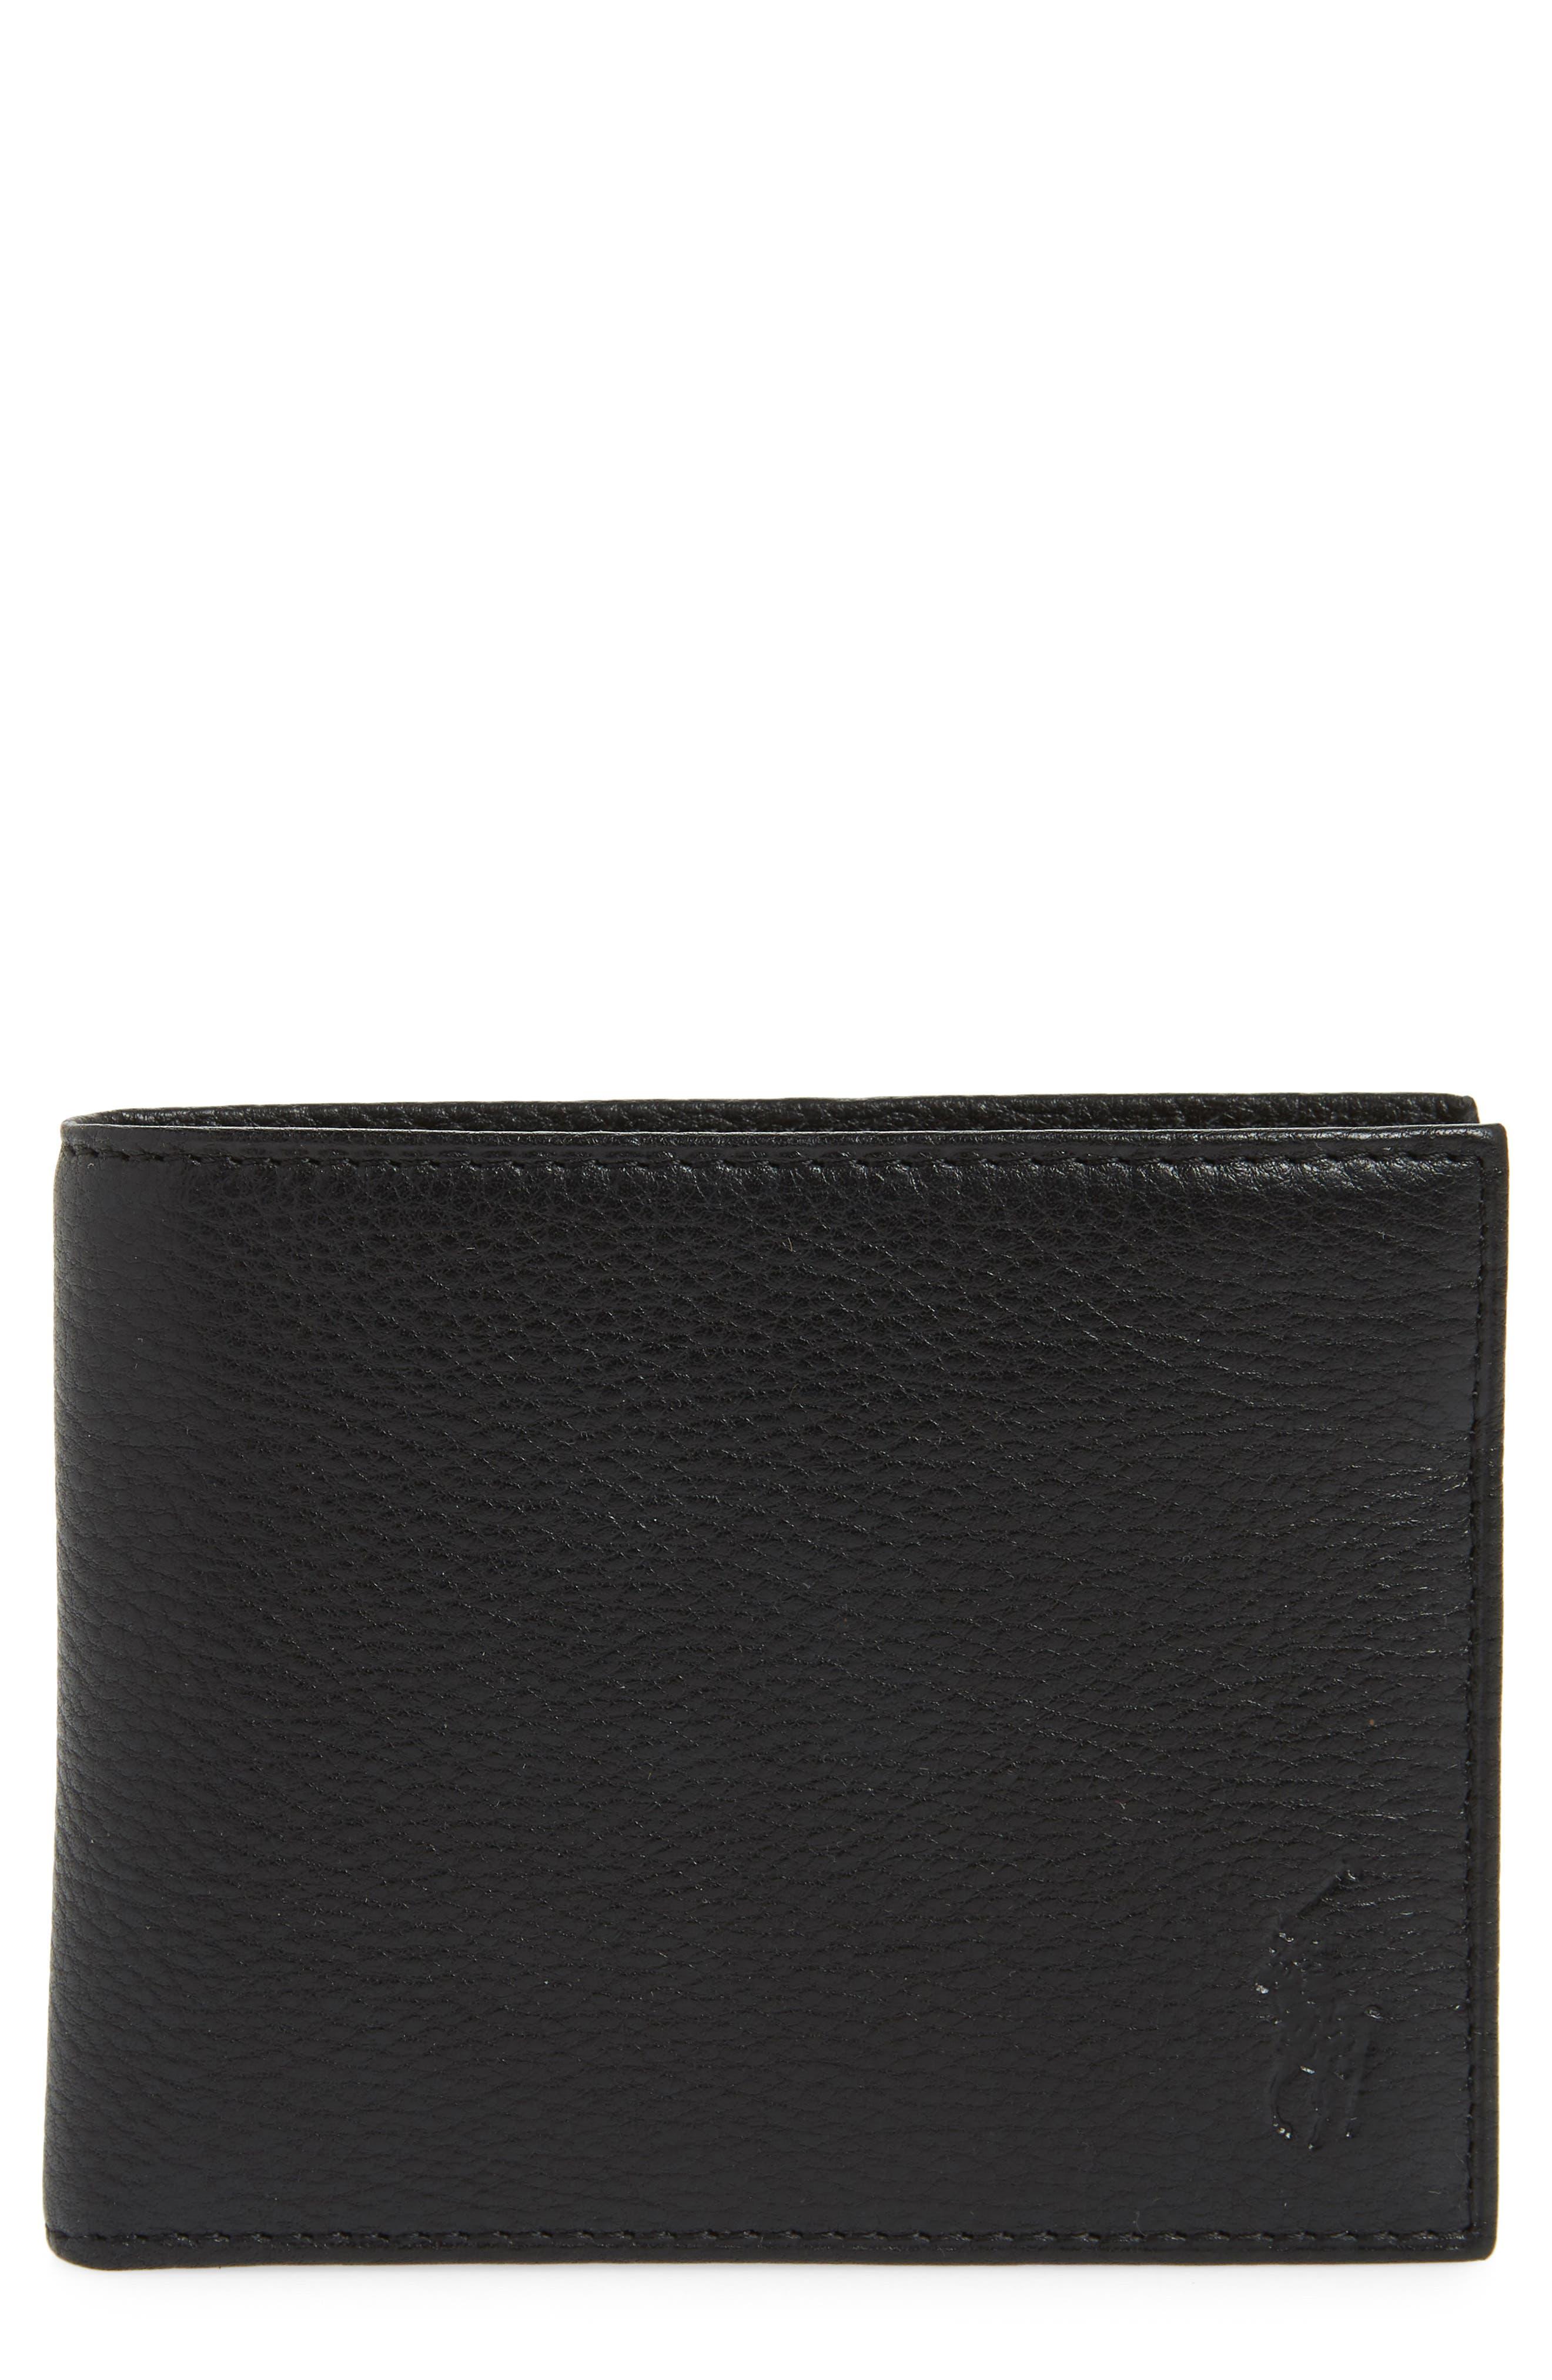 Leather Passcase Wallet,                         Main,                         color, Black